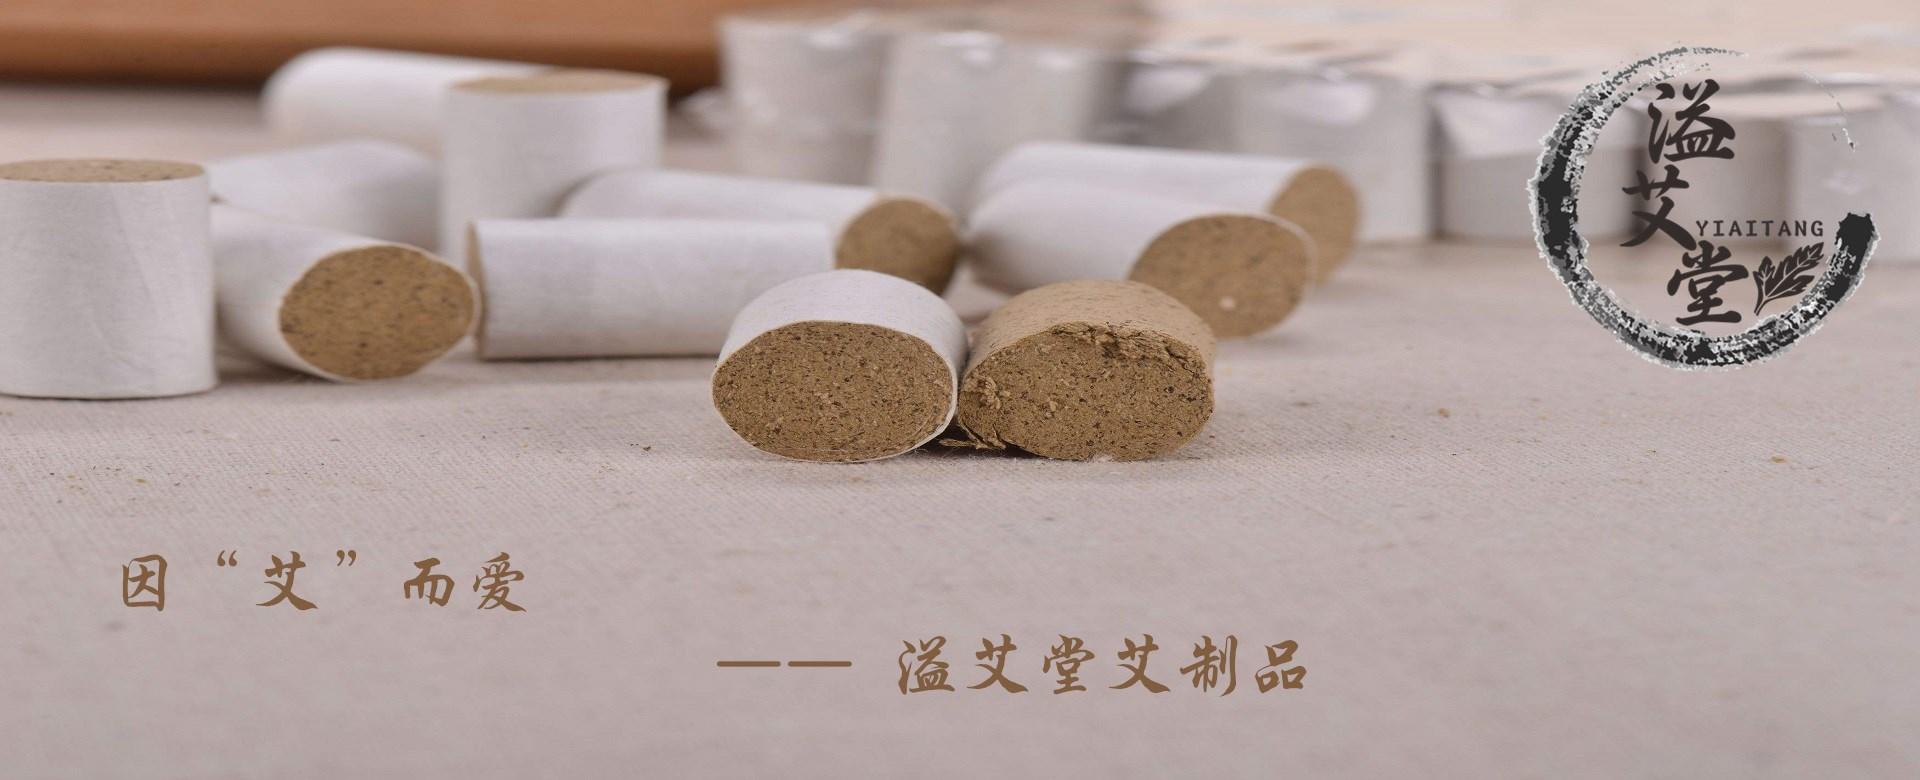 南阳镇平艾制品厂家